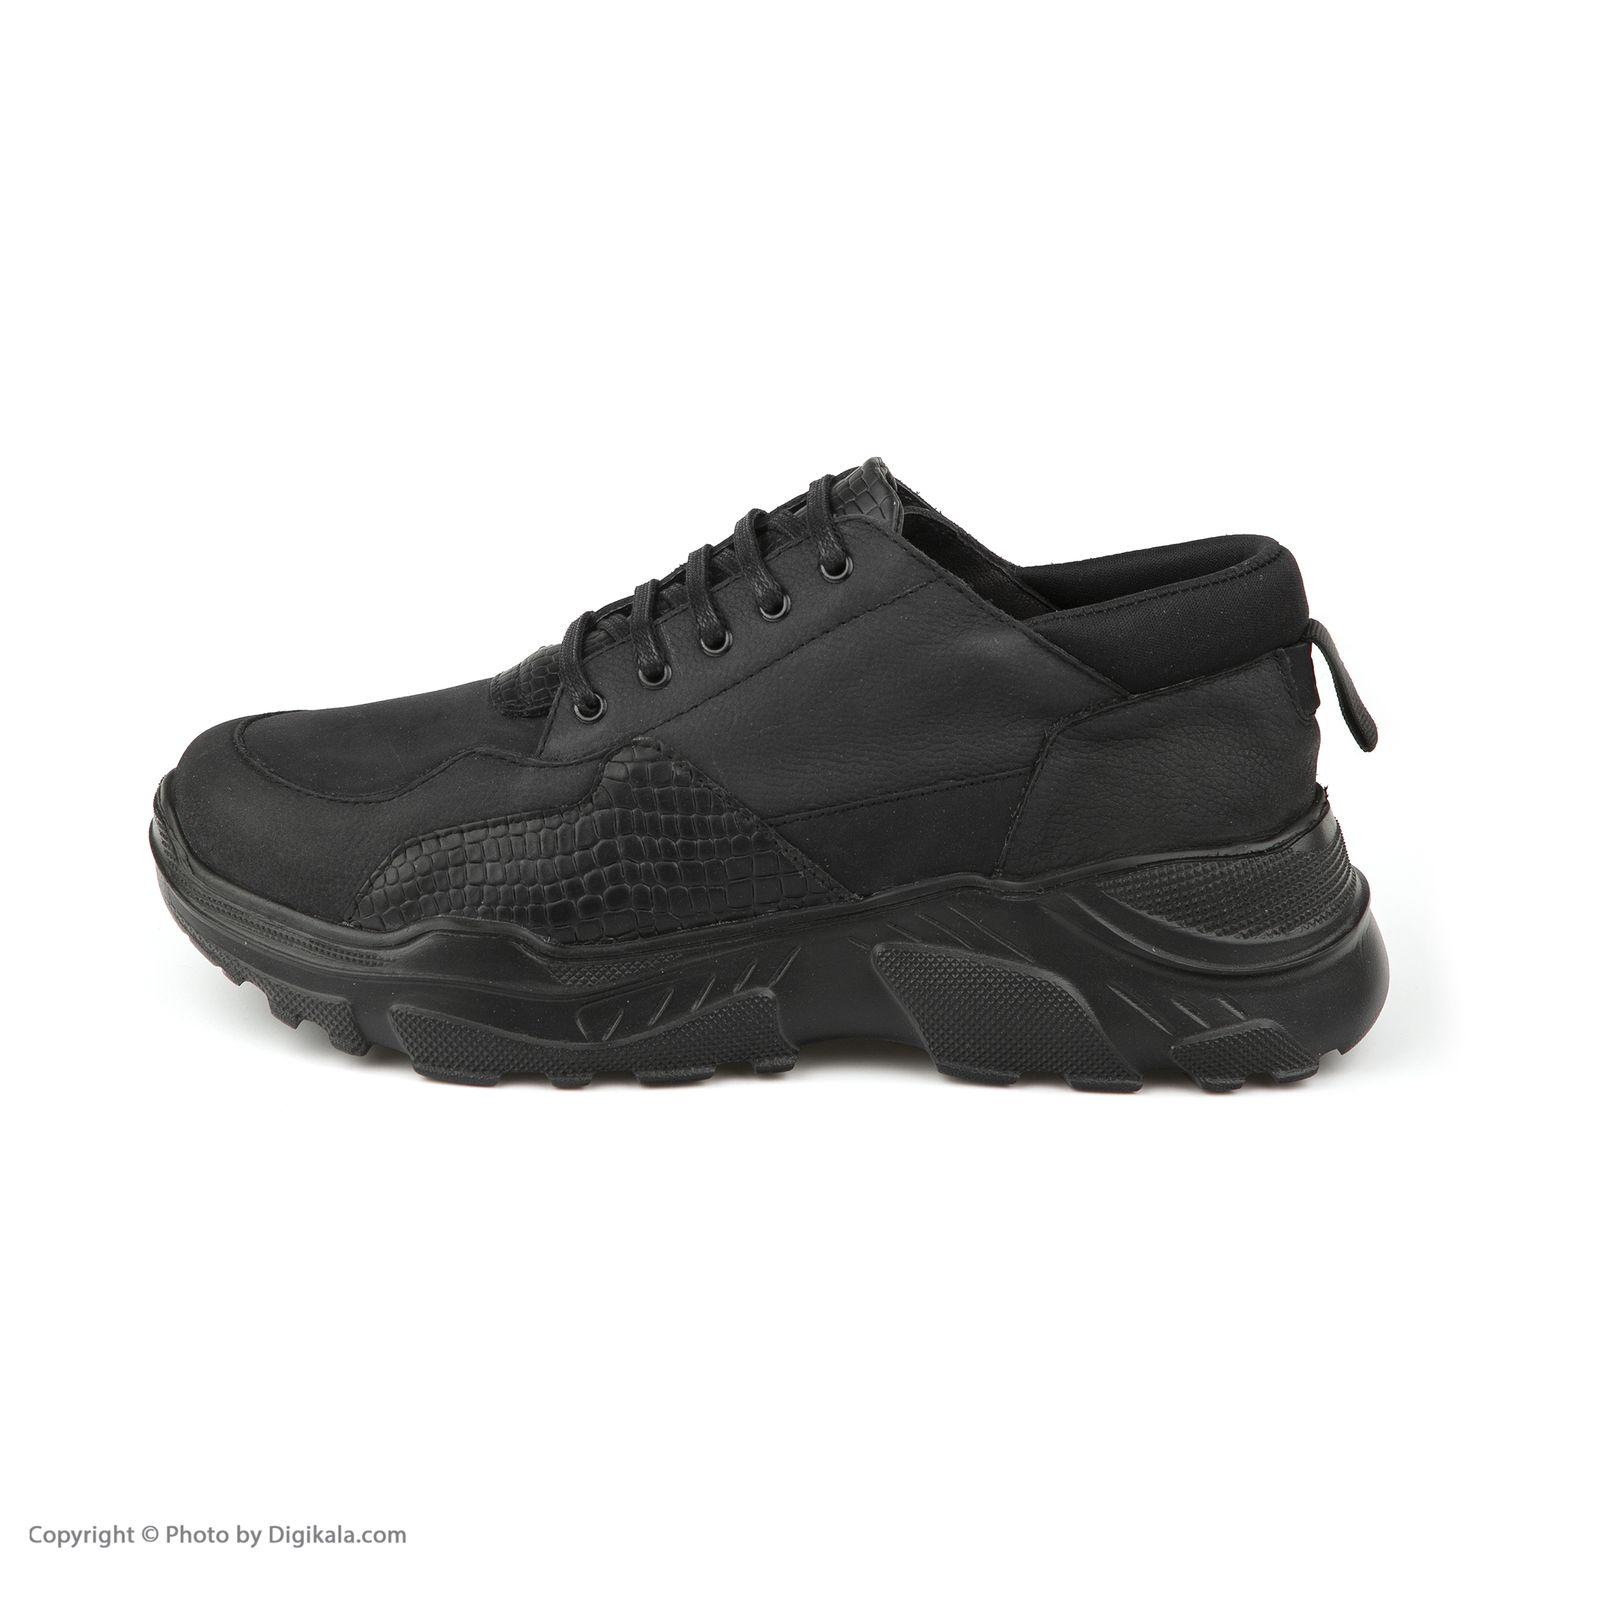 کفش روزمره زنانه دنیلی مدل Armila-242070716030 -  - 3